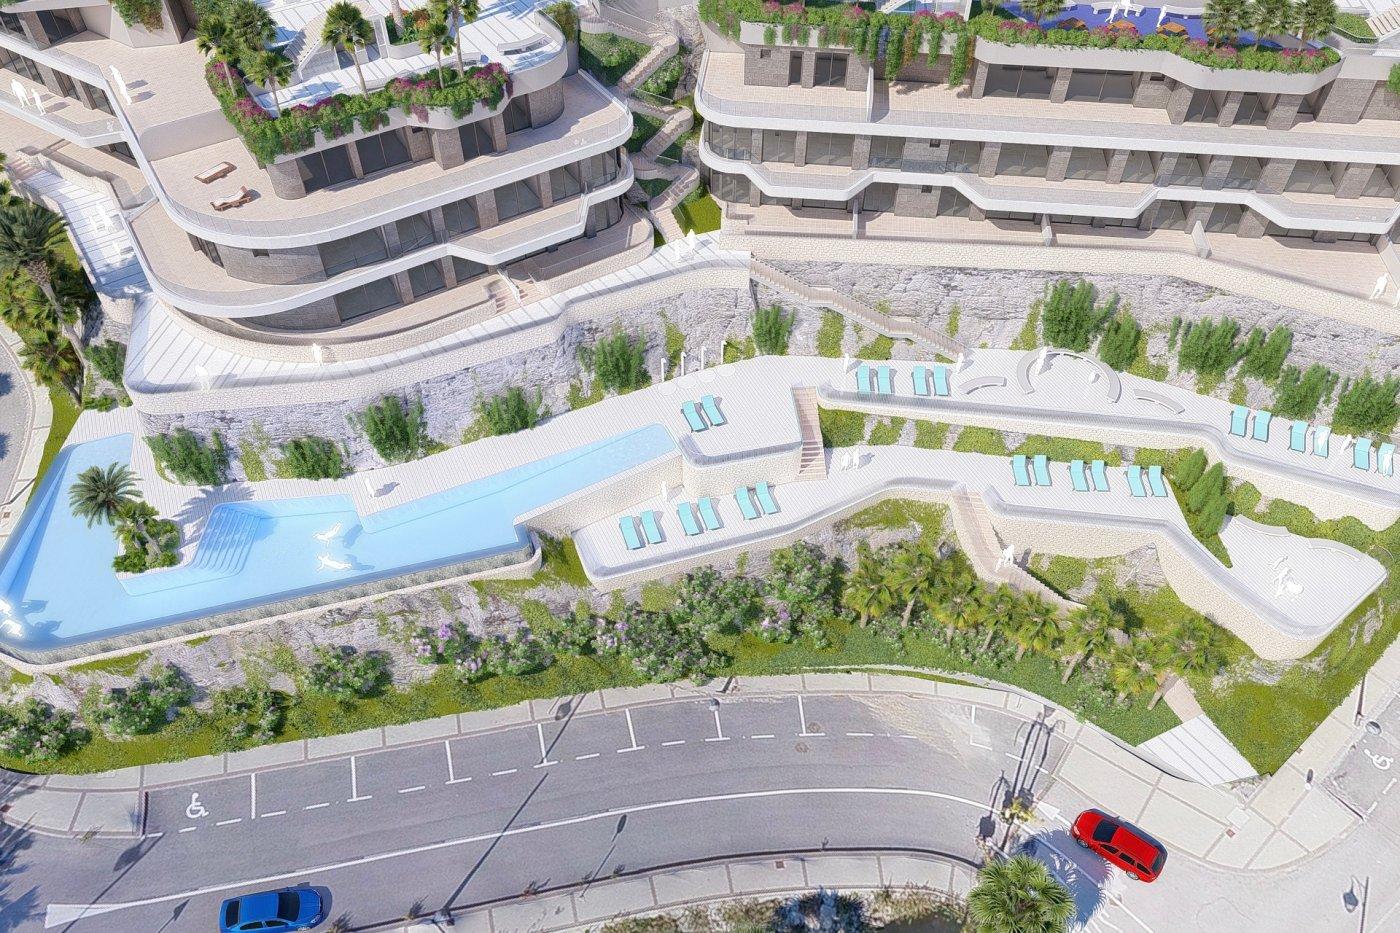 Galleribillede 12 of Exceptionel 2 etagers 4 vær luksus lejlighed, panorama udsigt, 58 m2 og 24 m2 solterrasser